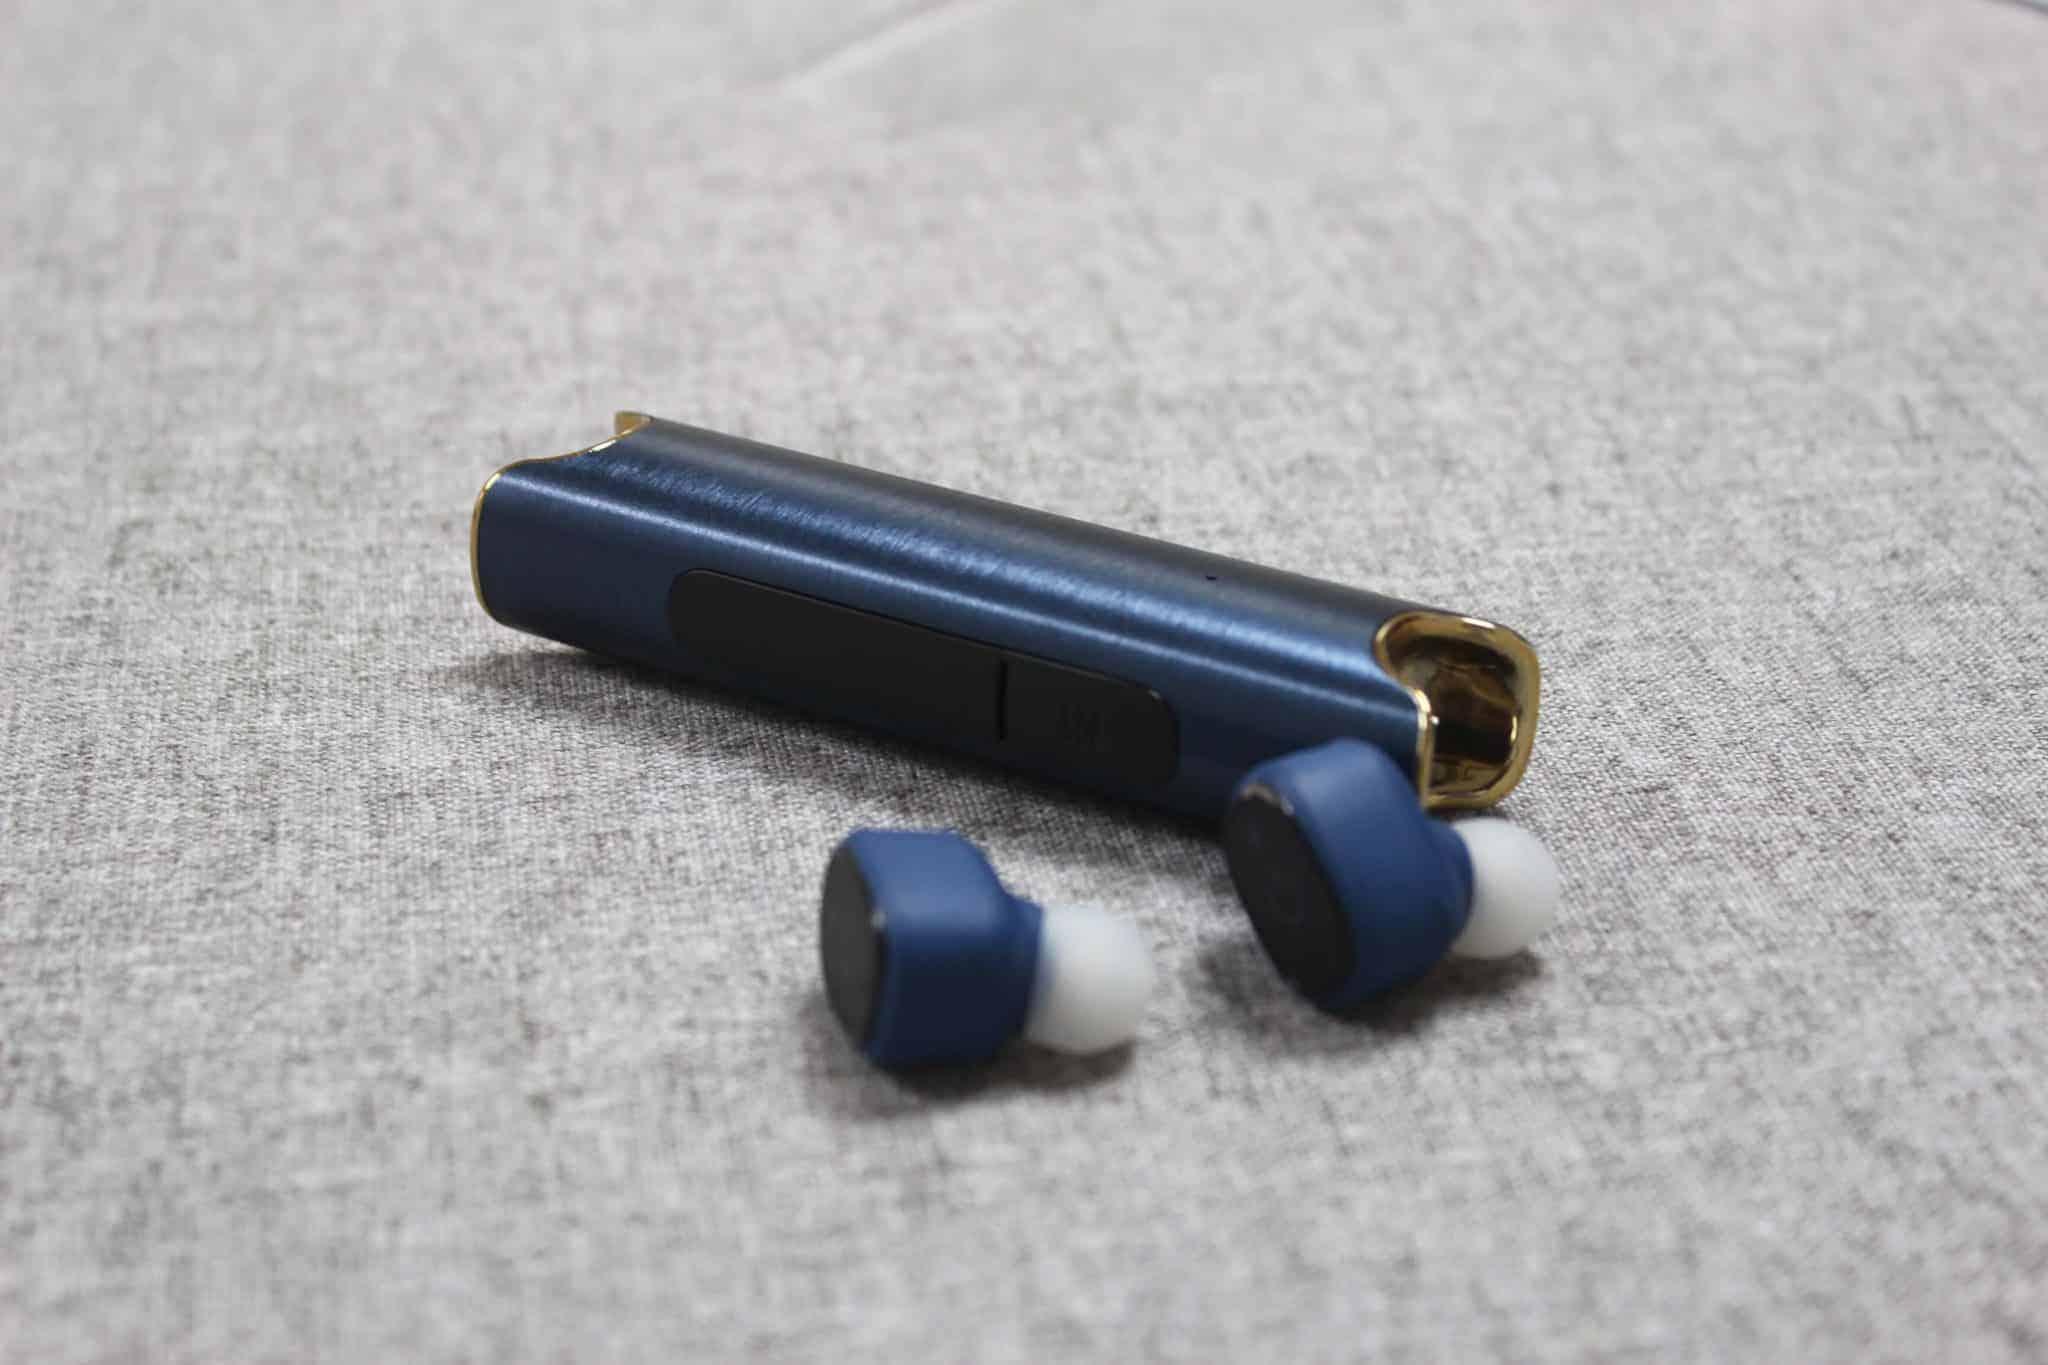 S2藍芽耳機 CP值真的高嗎?